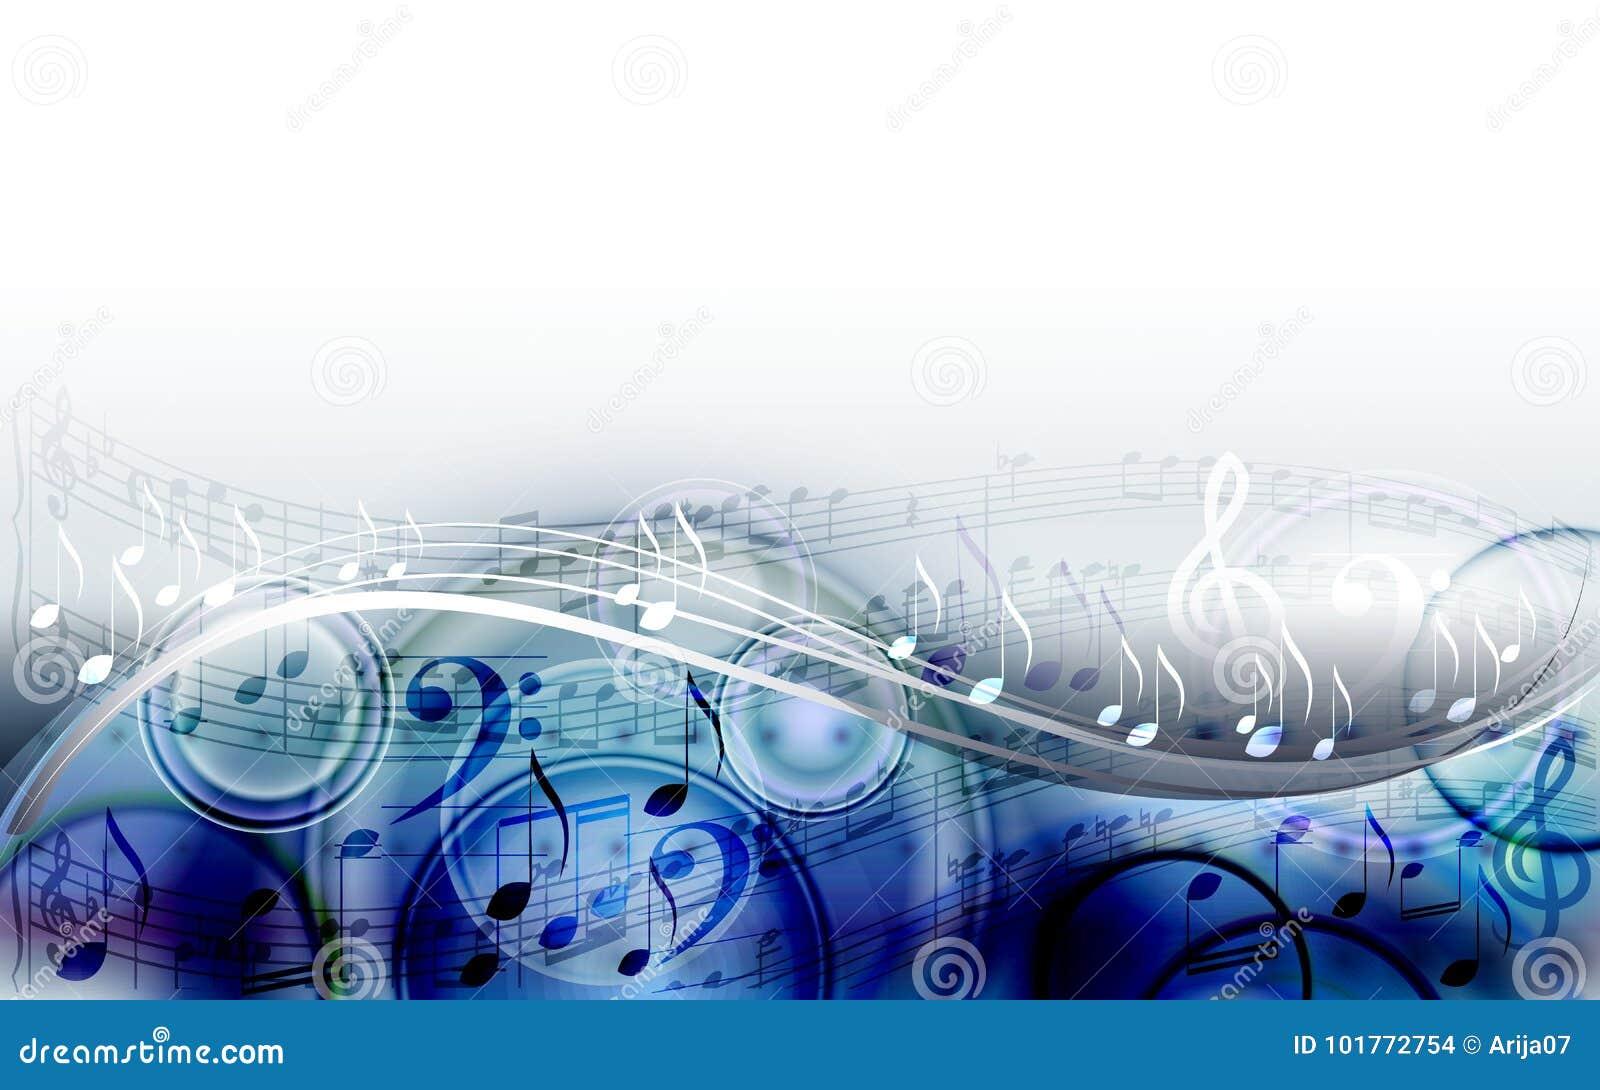 与音符的抽象活页乐谱设计背景